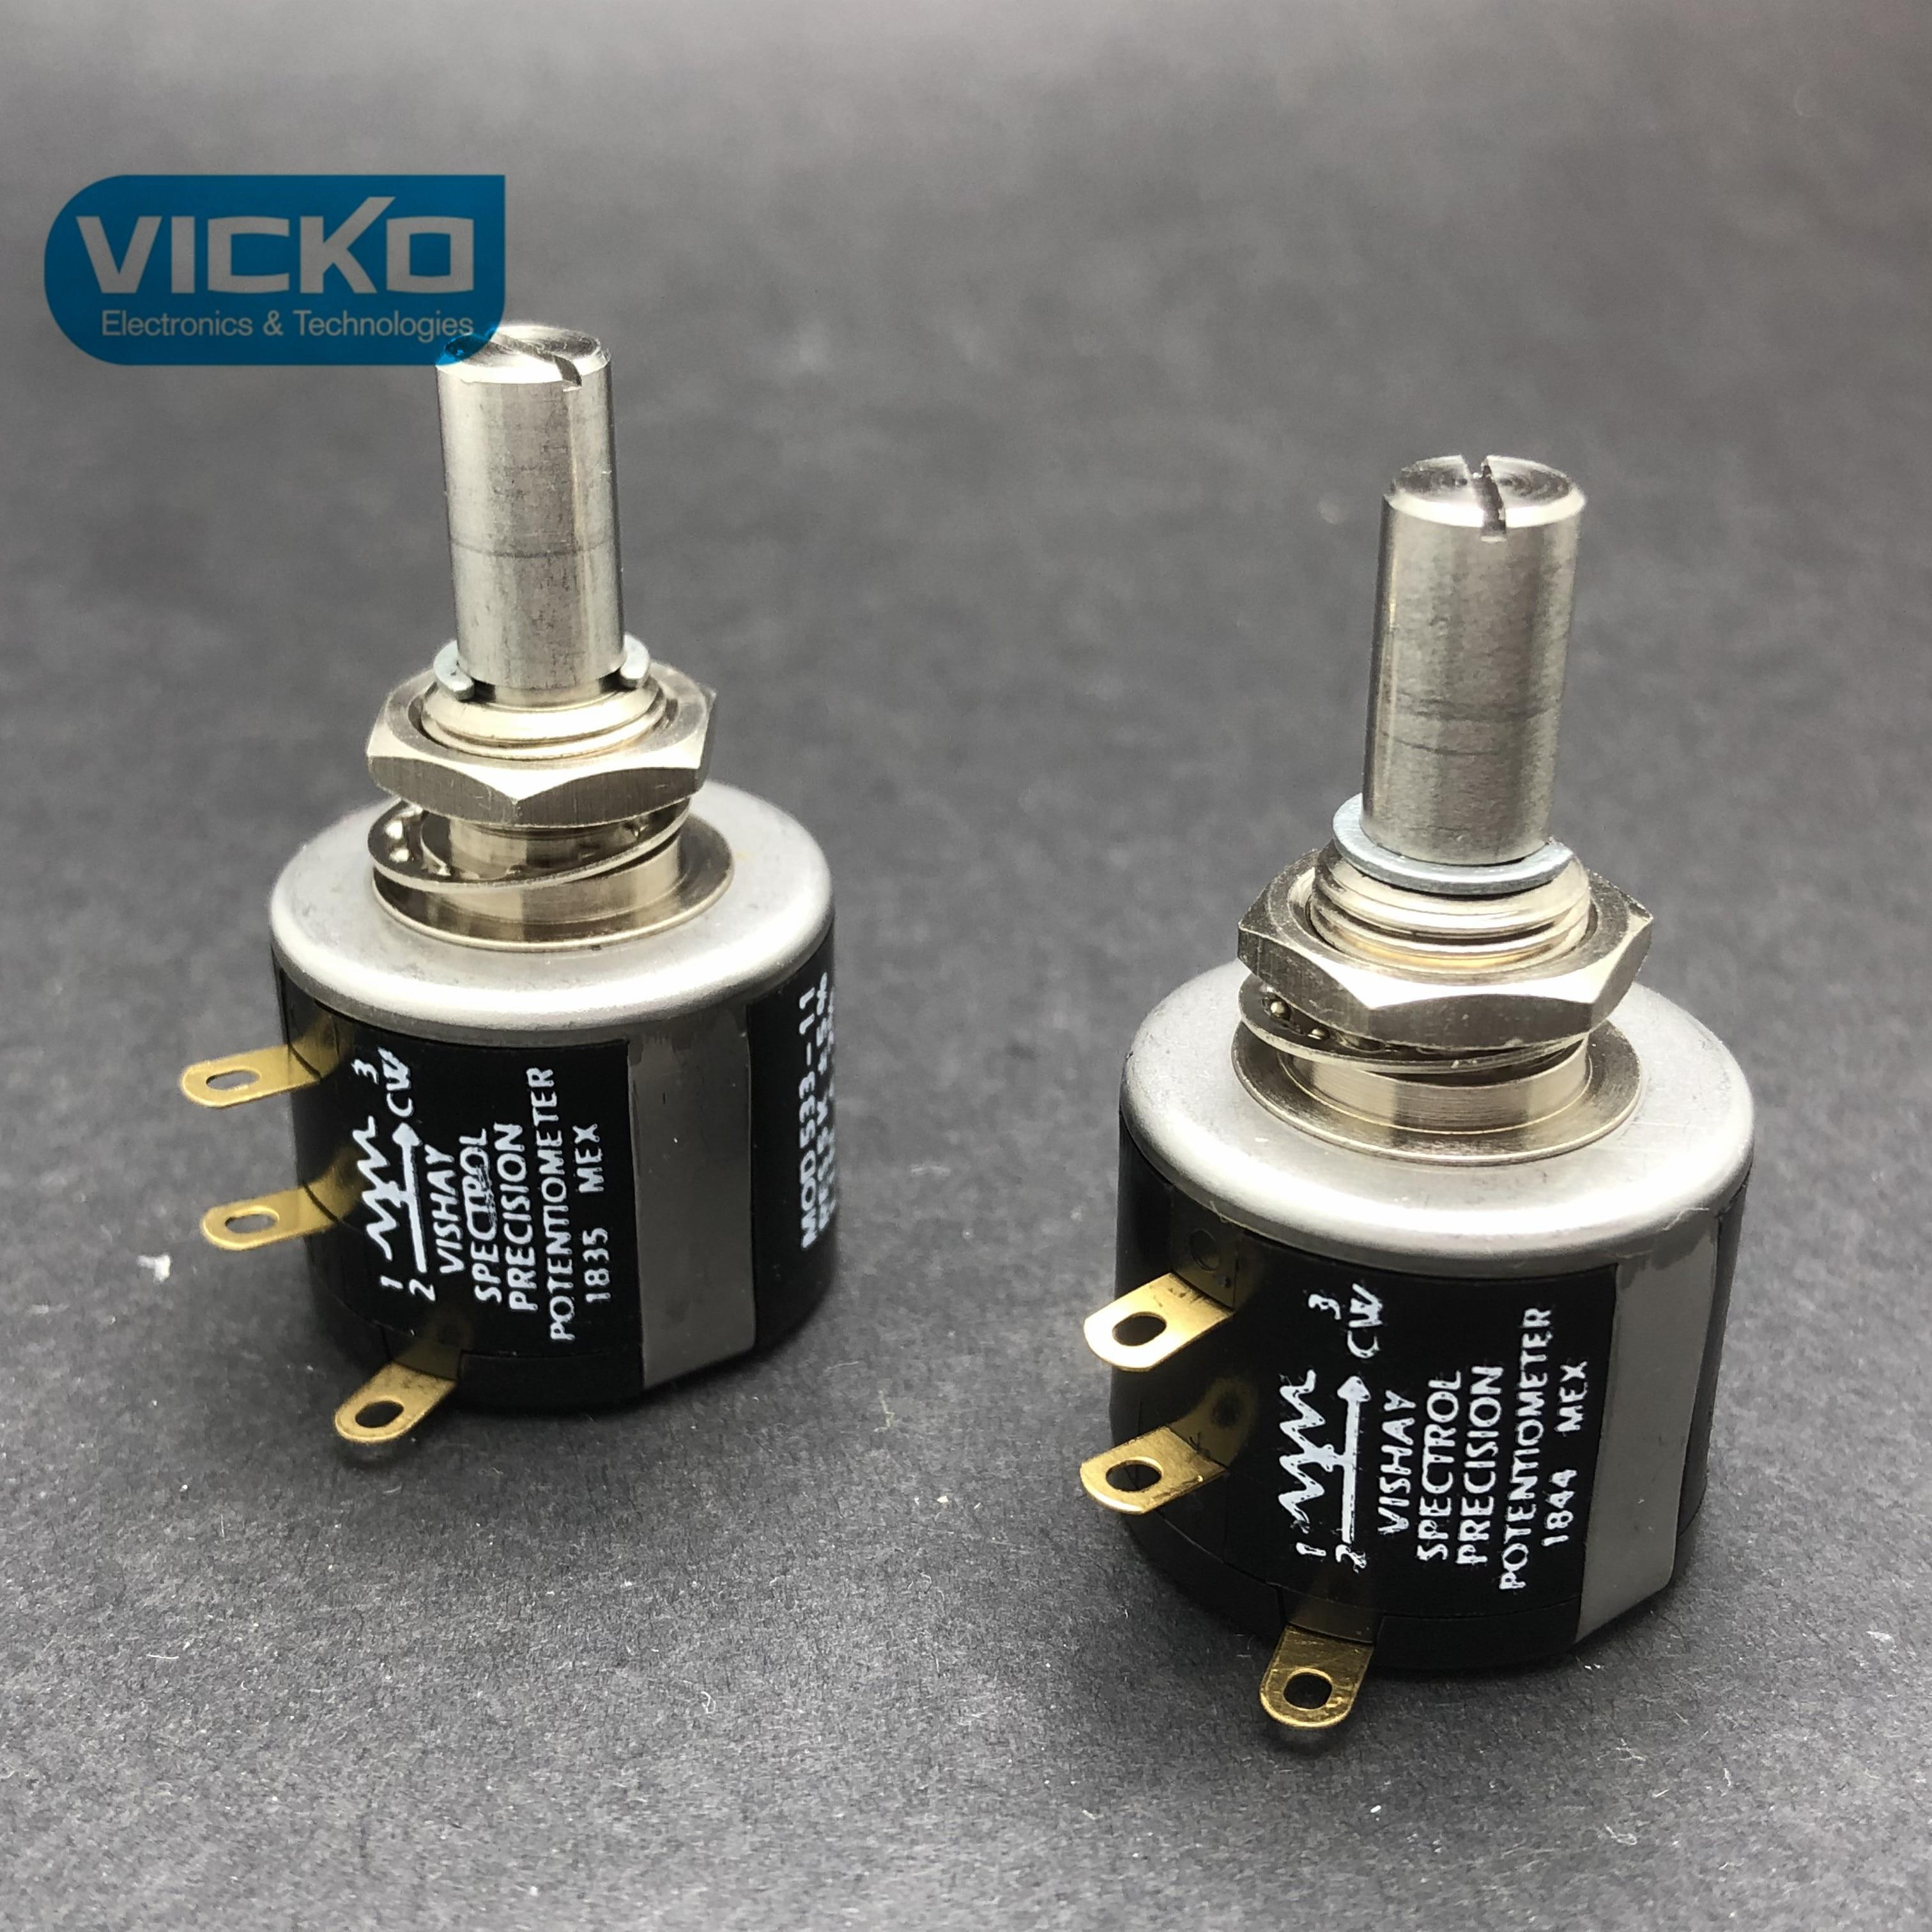 [YK] MOD533-11 d'origine MOD 533-11 MOD 533 RES 2K 5K 10K 5% LIN.2 % VISHAY SPECTROL potentiomètre de précision commutateur de haute précision